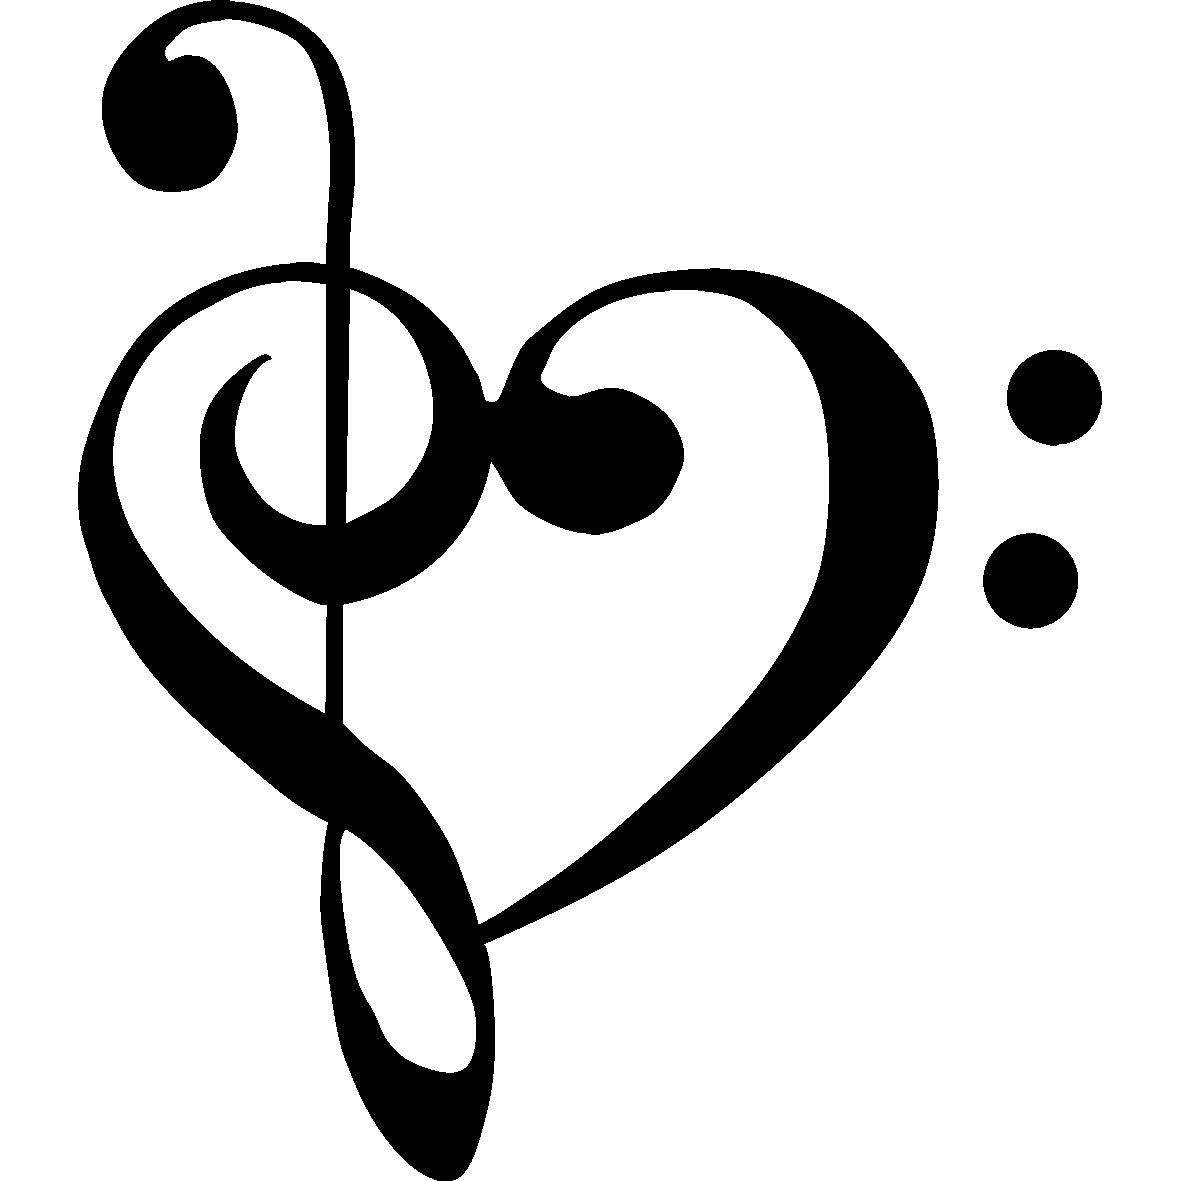 Fullsize Of Music Notes Heart